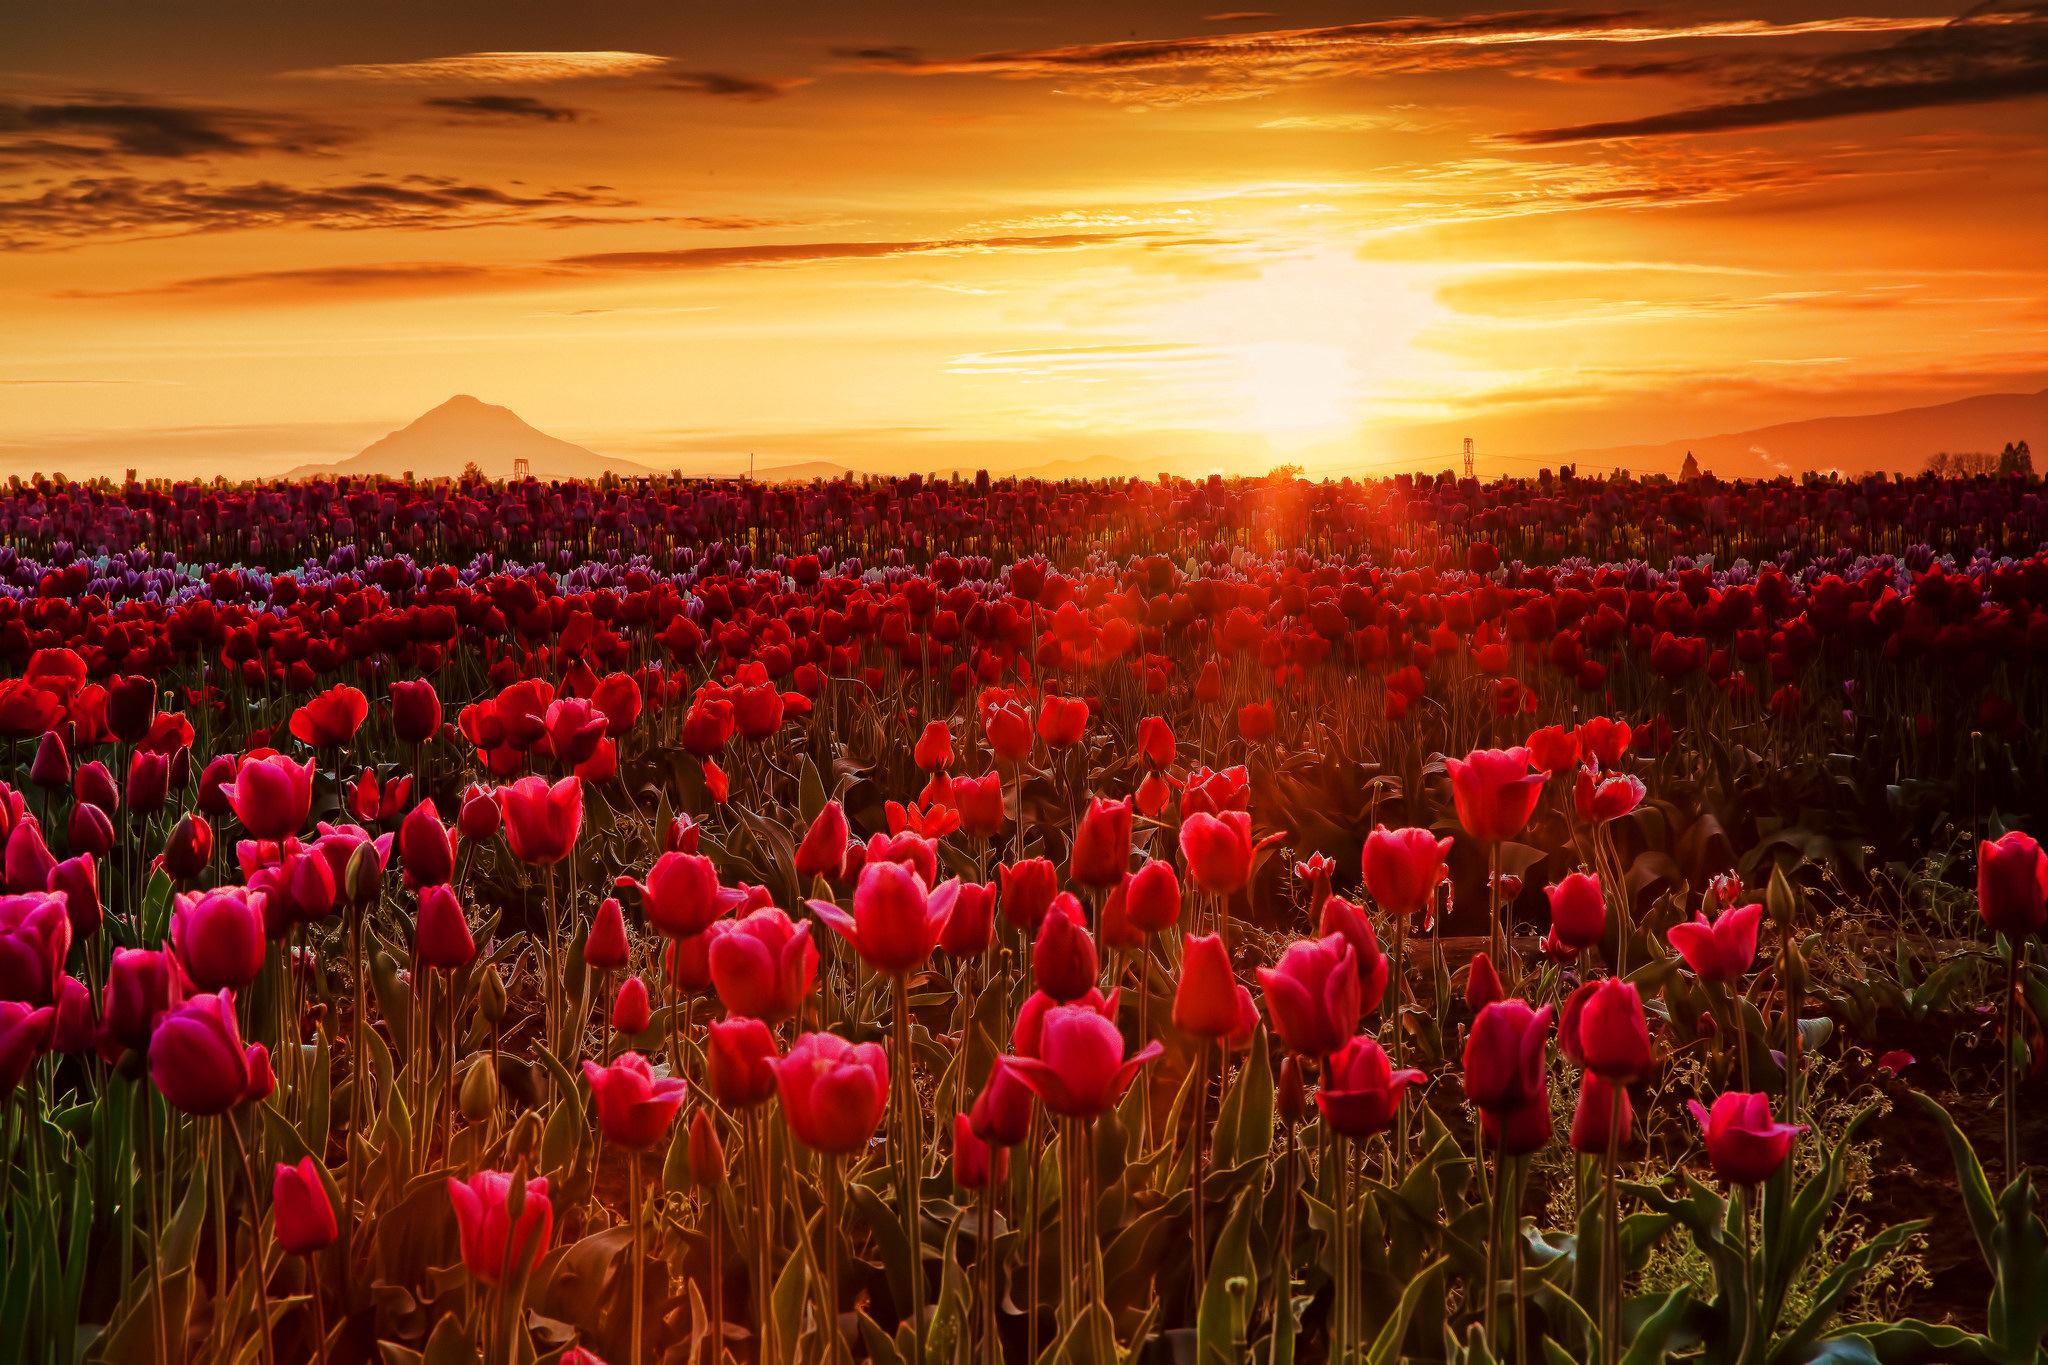 закат небо поляна цветы  № 3229865 загрузить